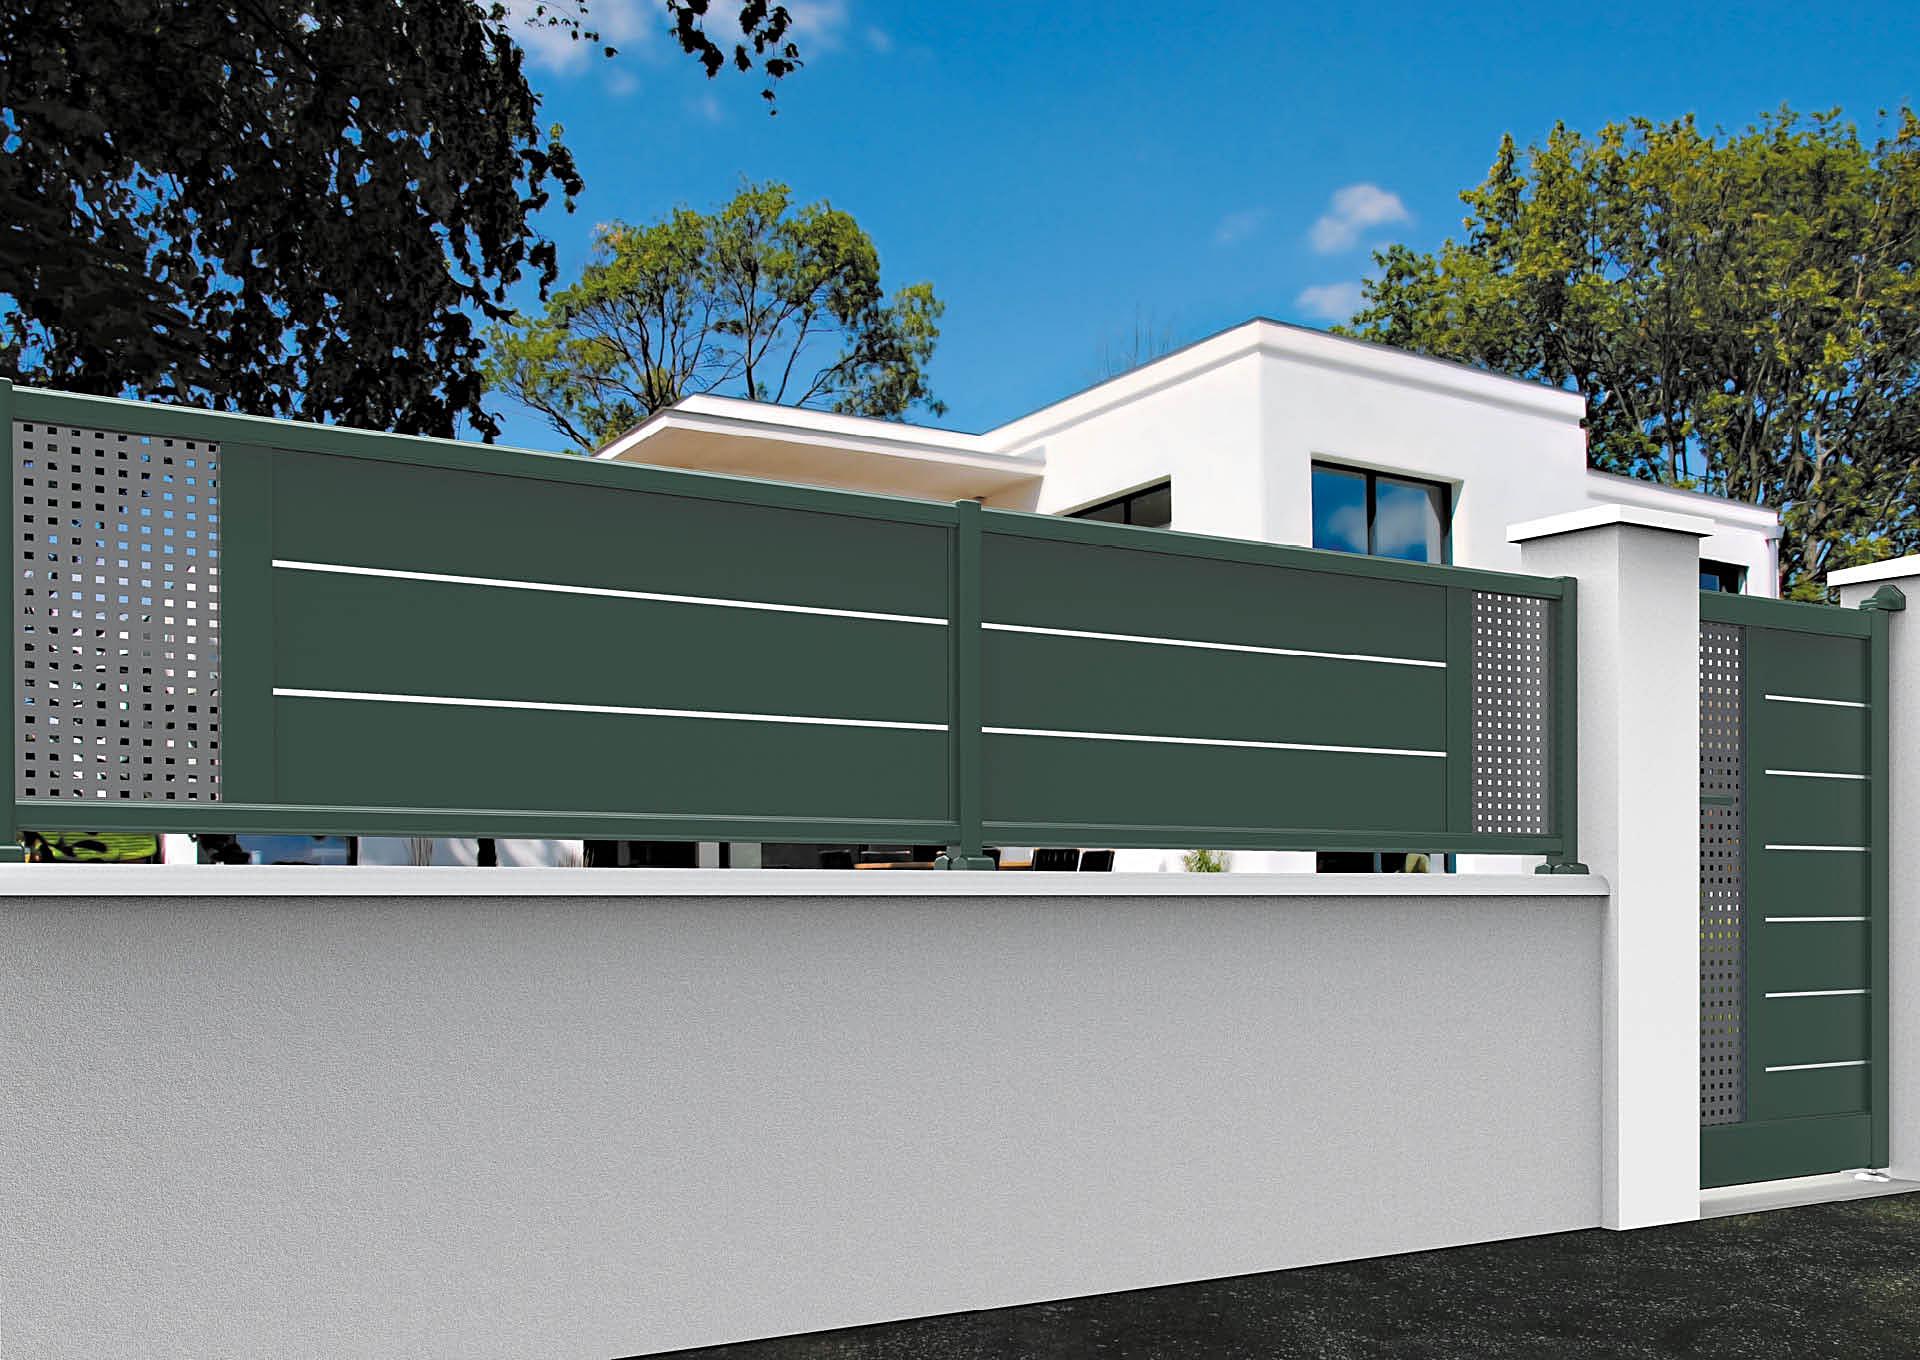 Clôtures aluminium lames horizontales 200 mm et liserés + décor style inox